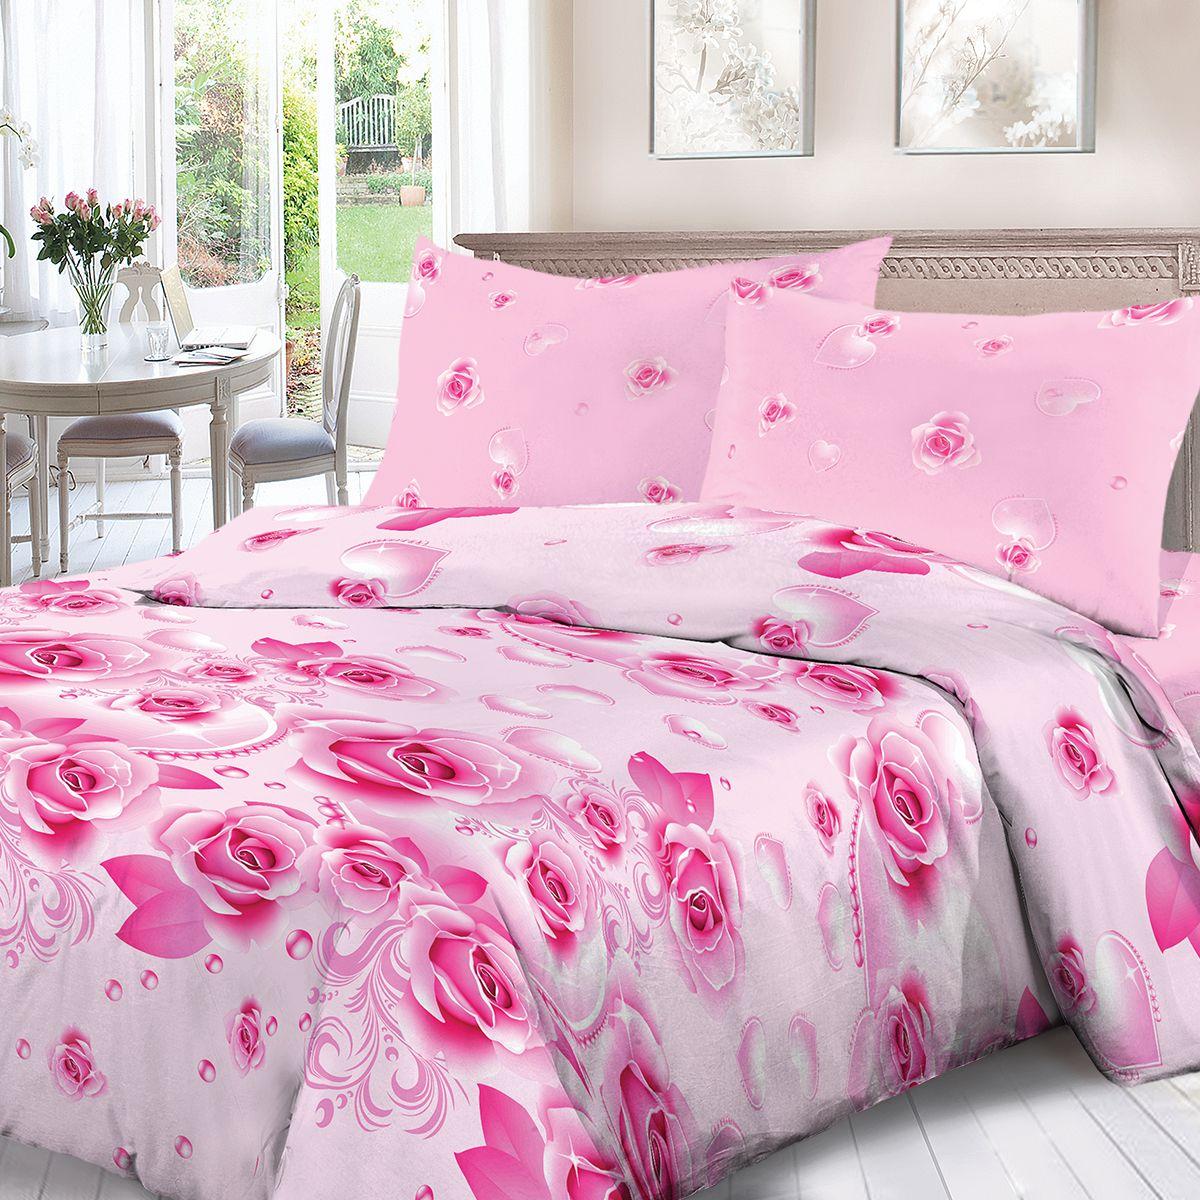 Комплект белья Для Снов Розовый жемчуг, 2-х спальное, наволочки 70x70, цвет: розовый. 1553-186456